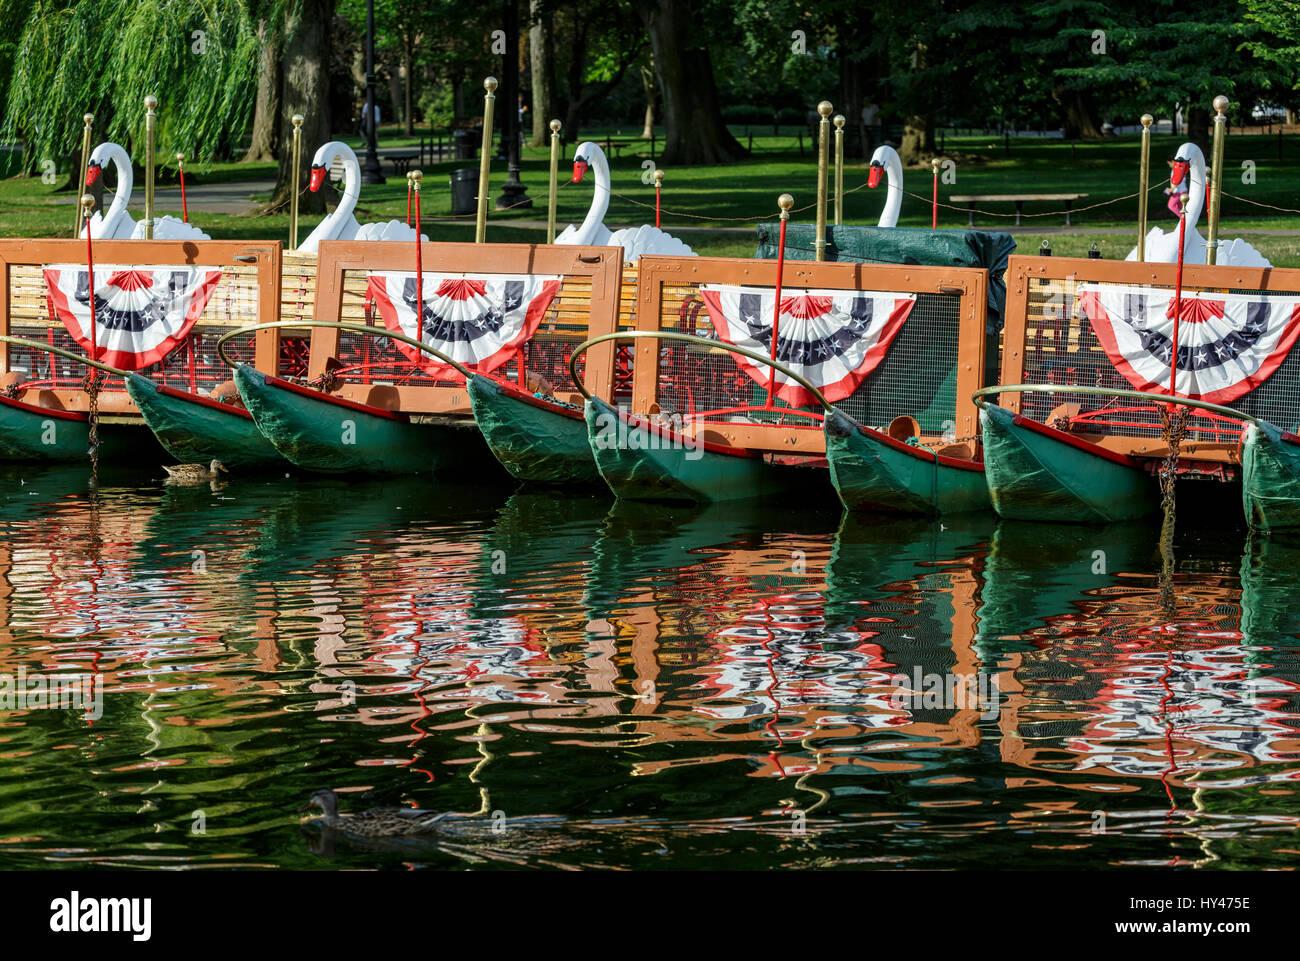 Swan boats, Public Garden, Boston, Massachusetts USA Stock Photo